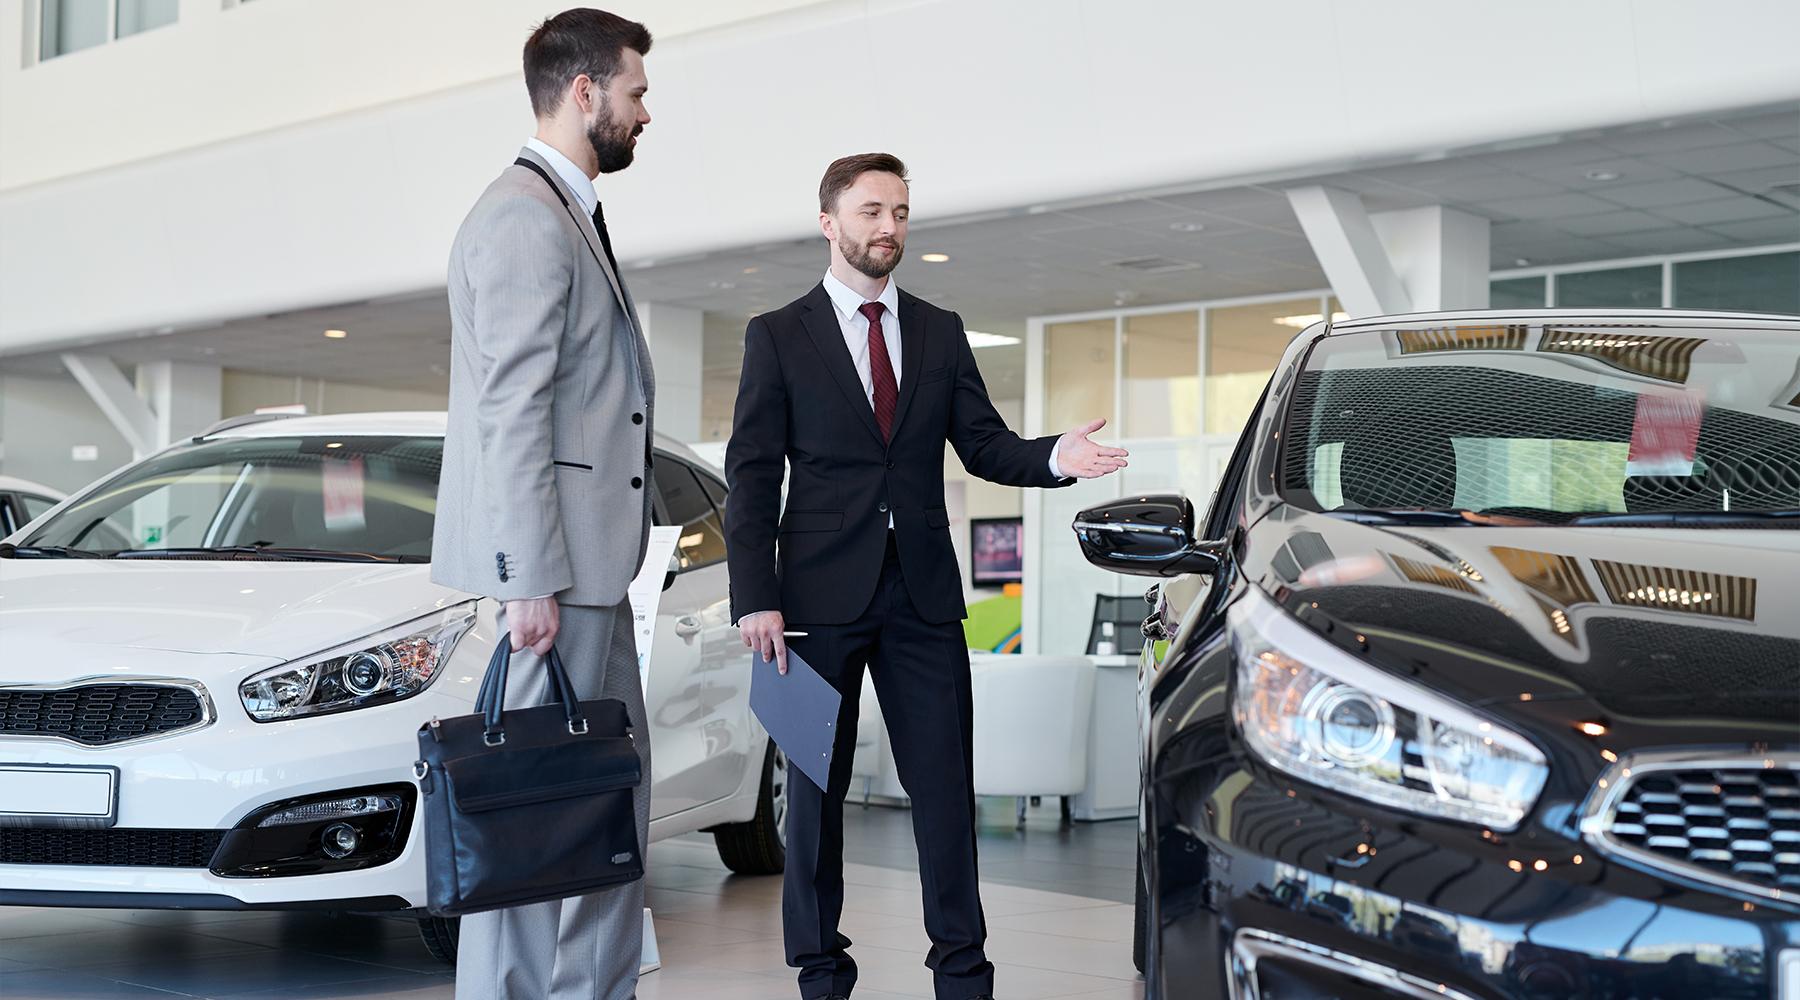 Kfz-Disponent in seiner Beratung mit einem Autohaushändler